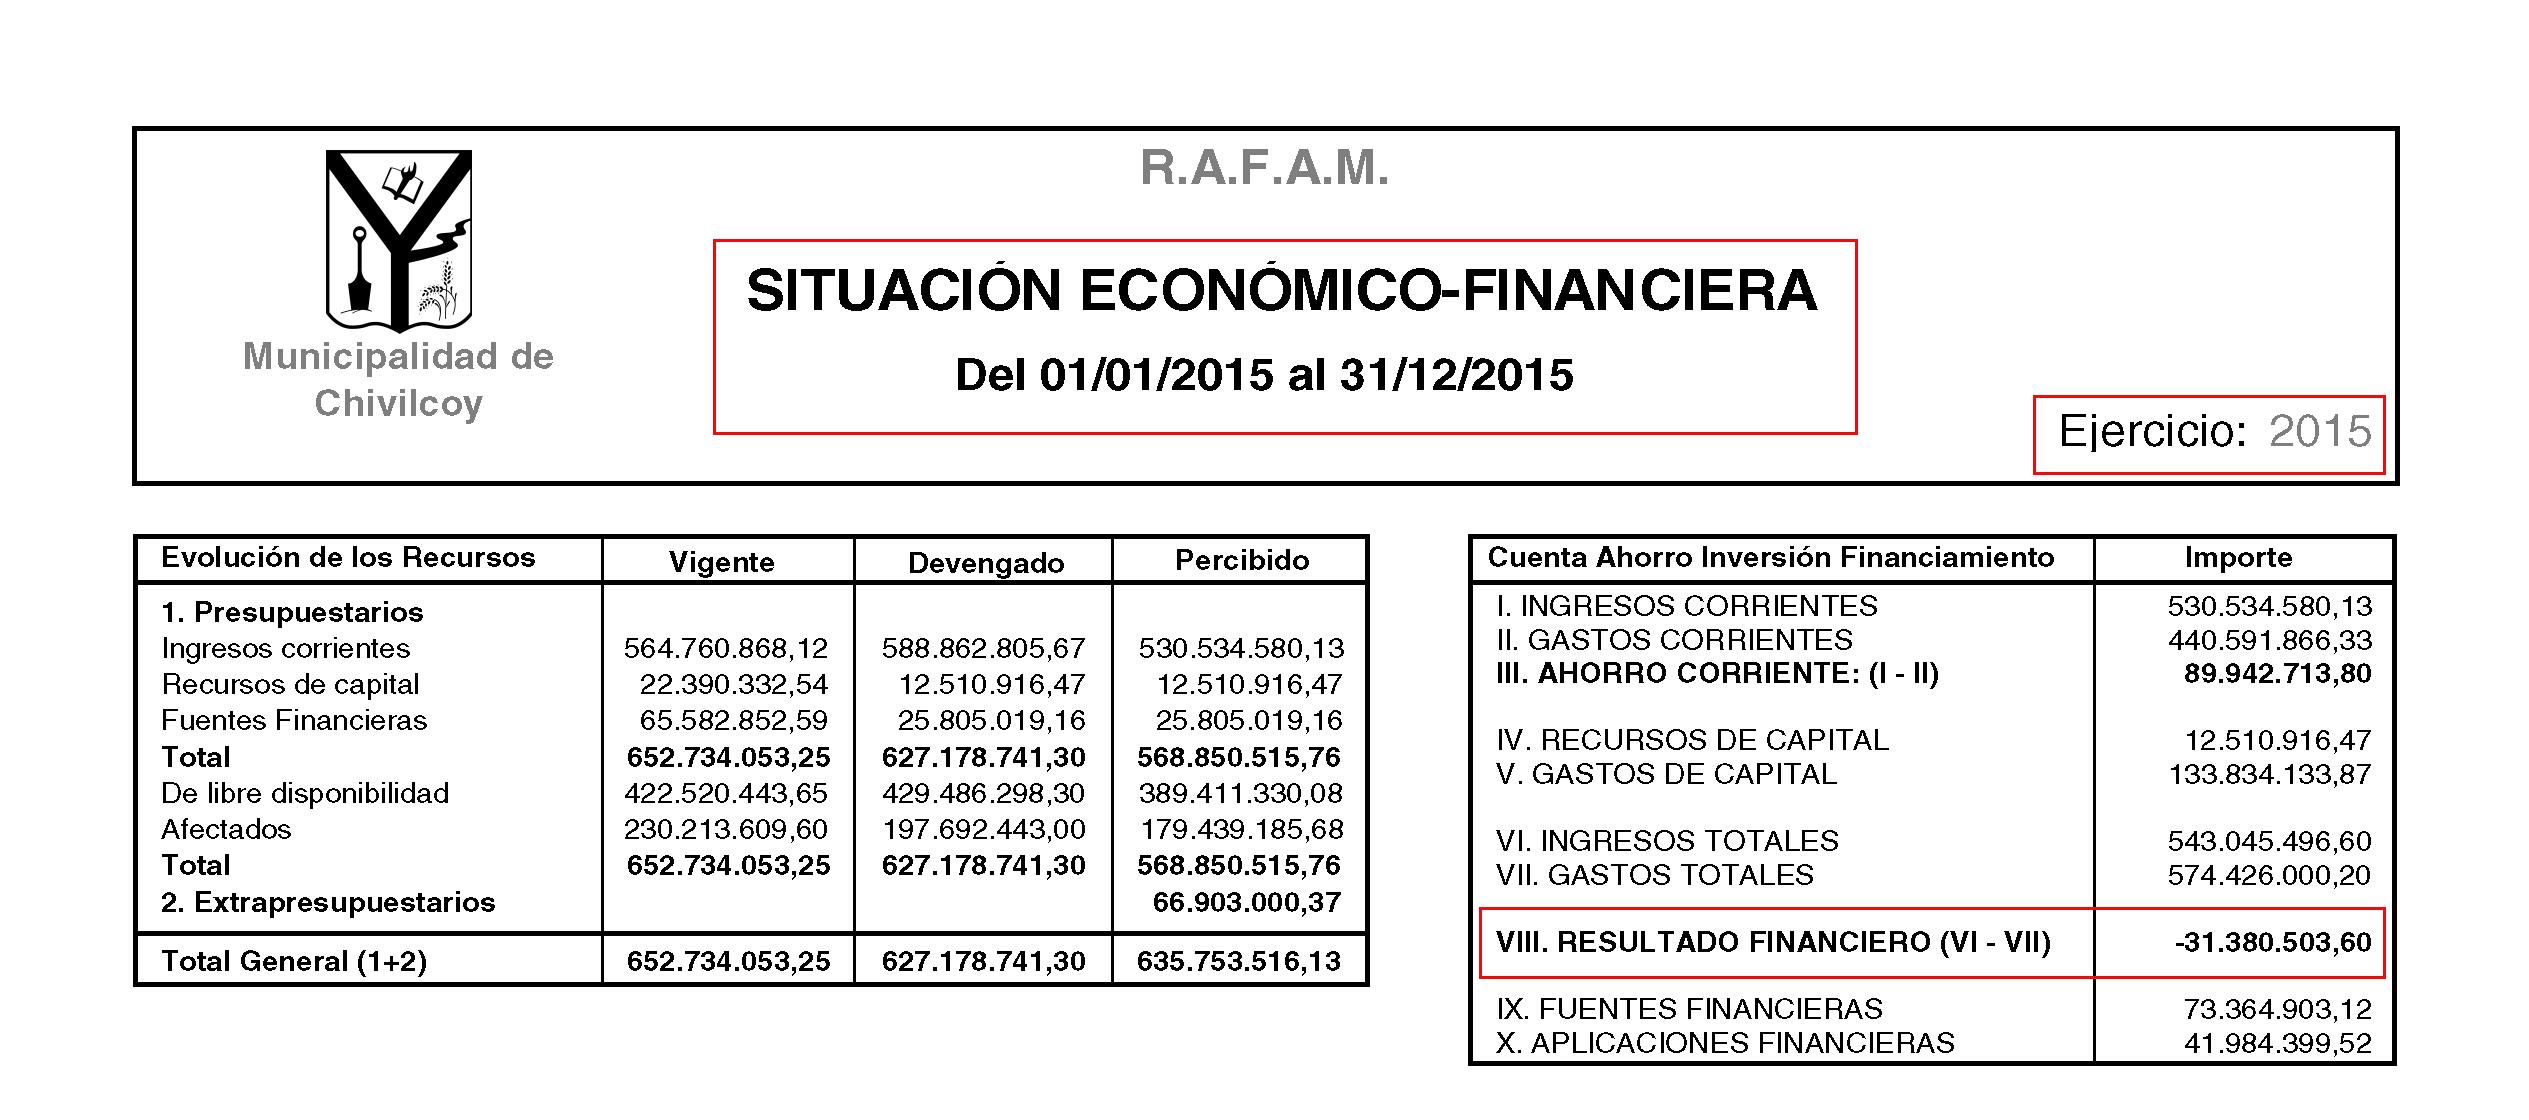 Municipio Situación económico financiera_Página_1B